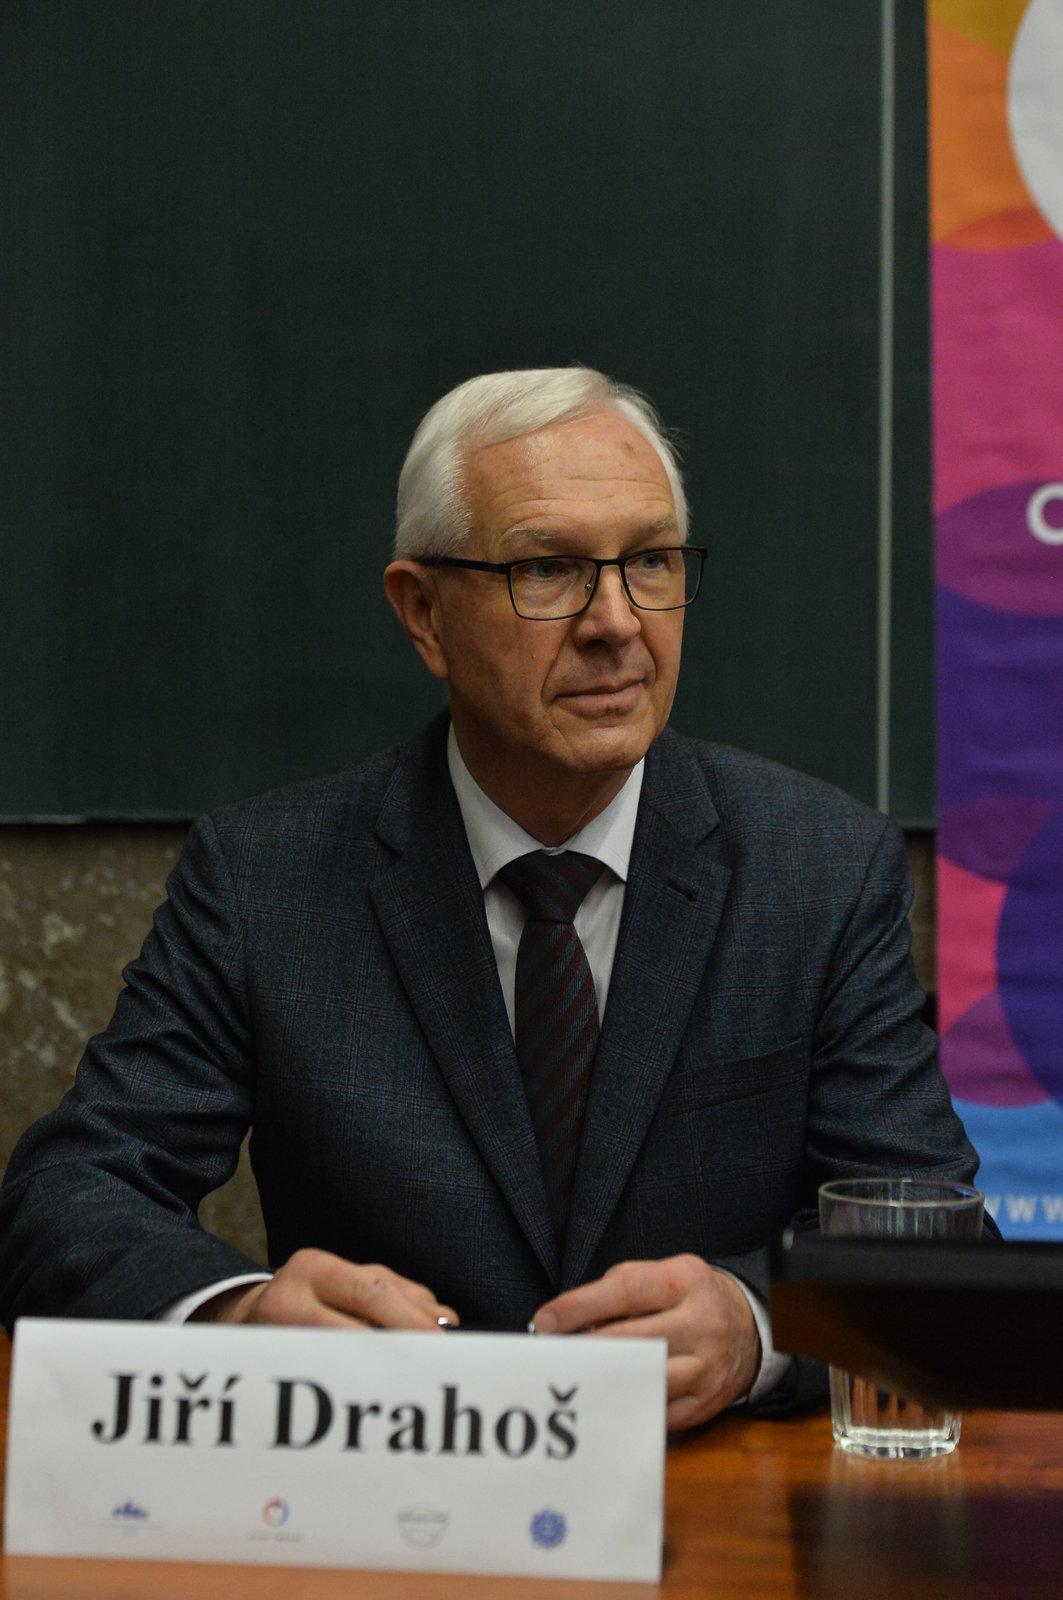 Debata prezidentských kandidátů na Právnické fakultě: Jiří Drahoš